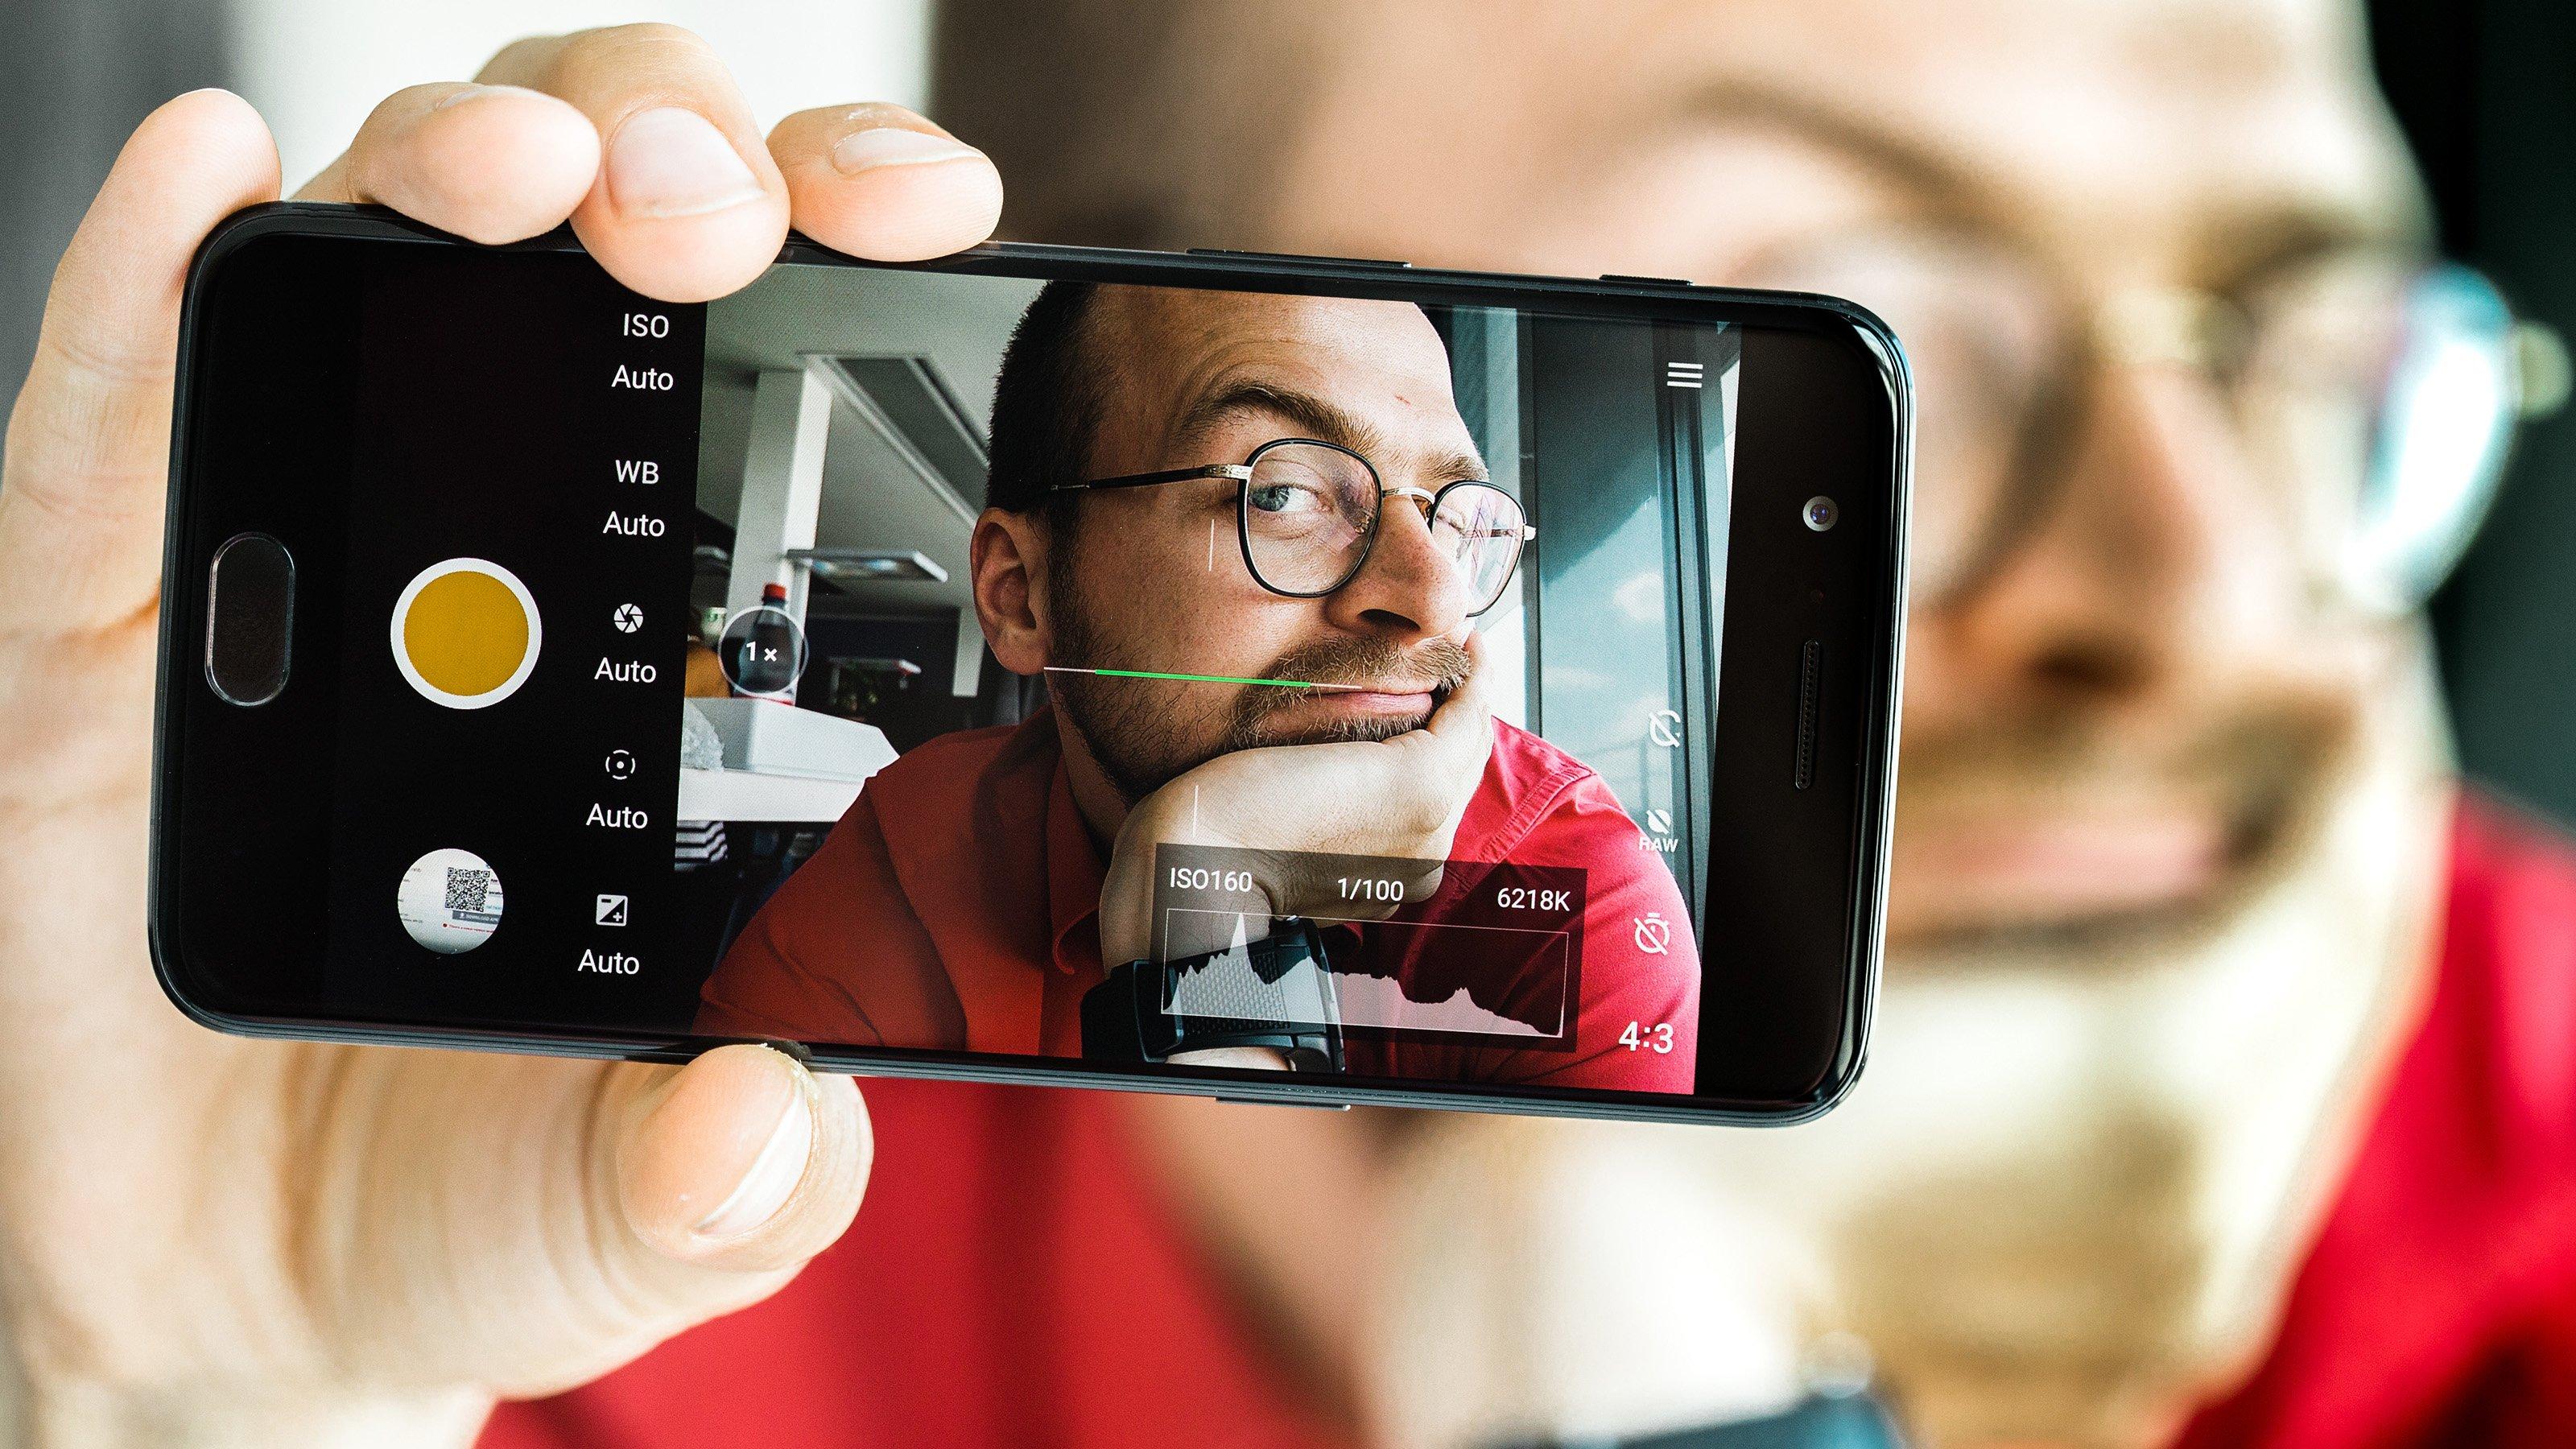 8gb di ram non rendono uno smartphone migliore androidpit for Smartphone migliore fotocamera 2017